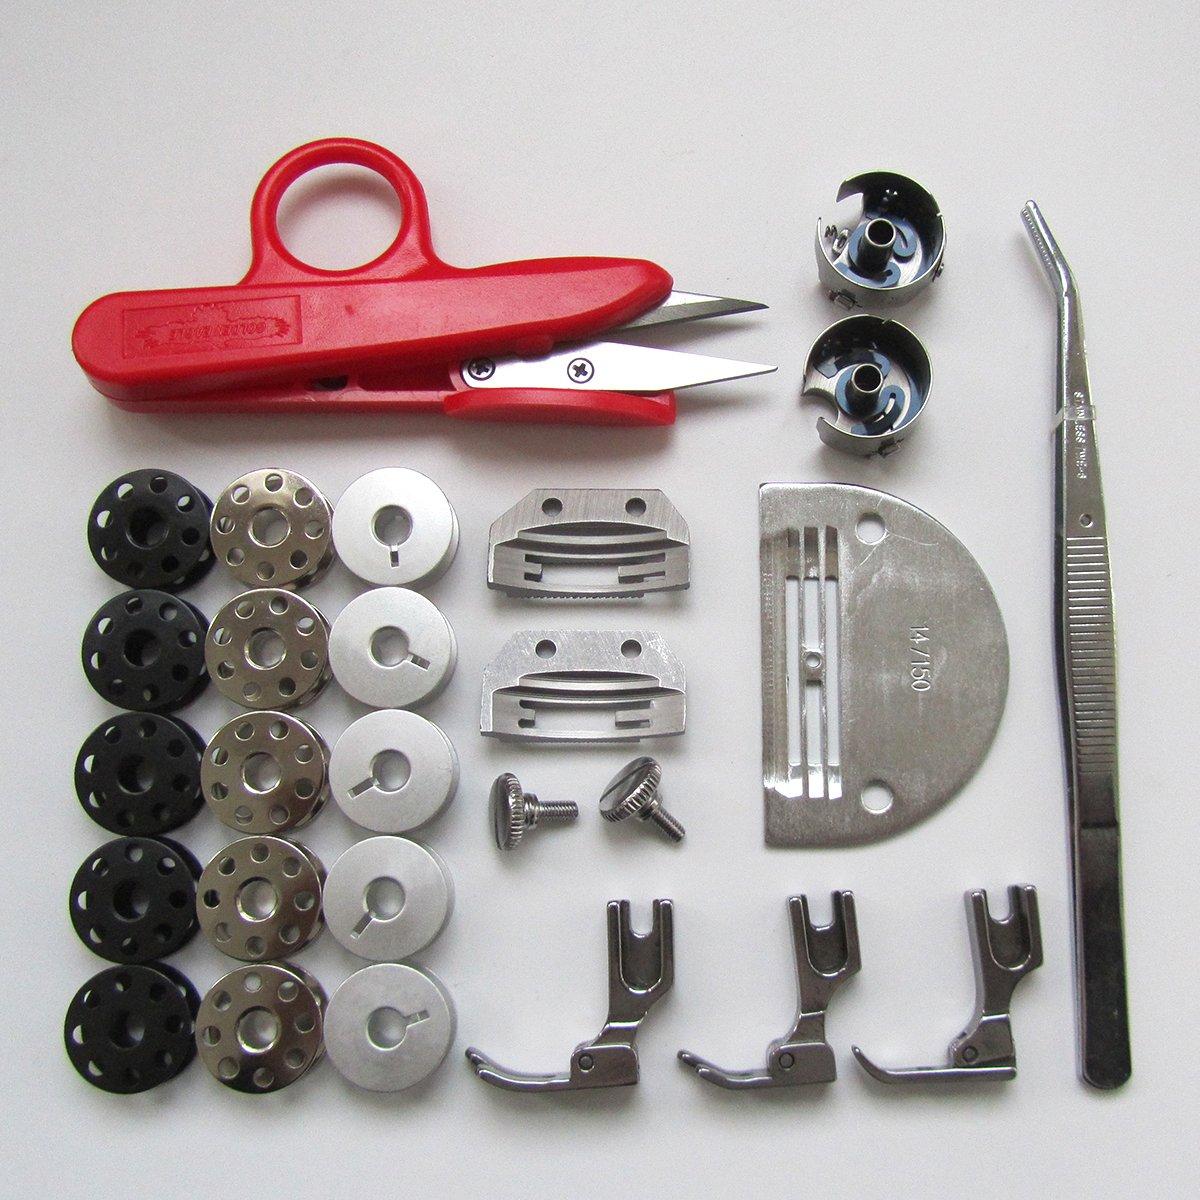 KUNPENG - # KP-SN13 27 piezas de repuesto para JUKI DDL-5550 BROTHER B737 CONSEW 230 costura de aguja individual: Amazon.es: Hogar